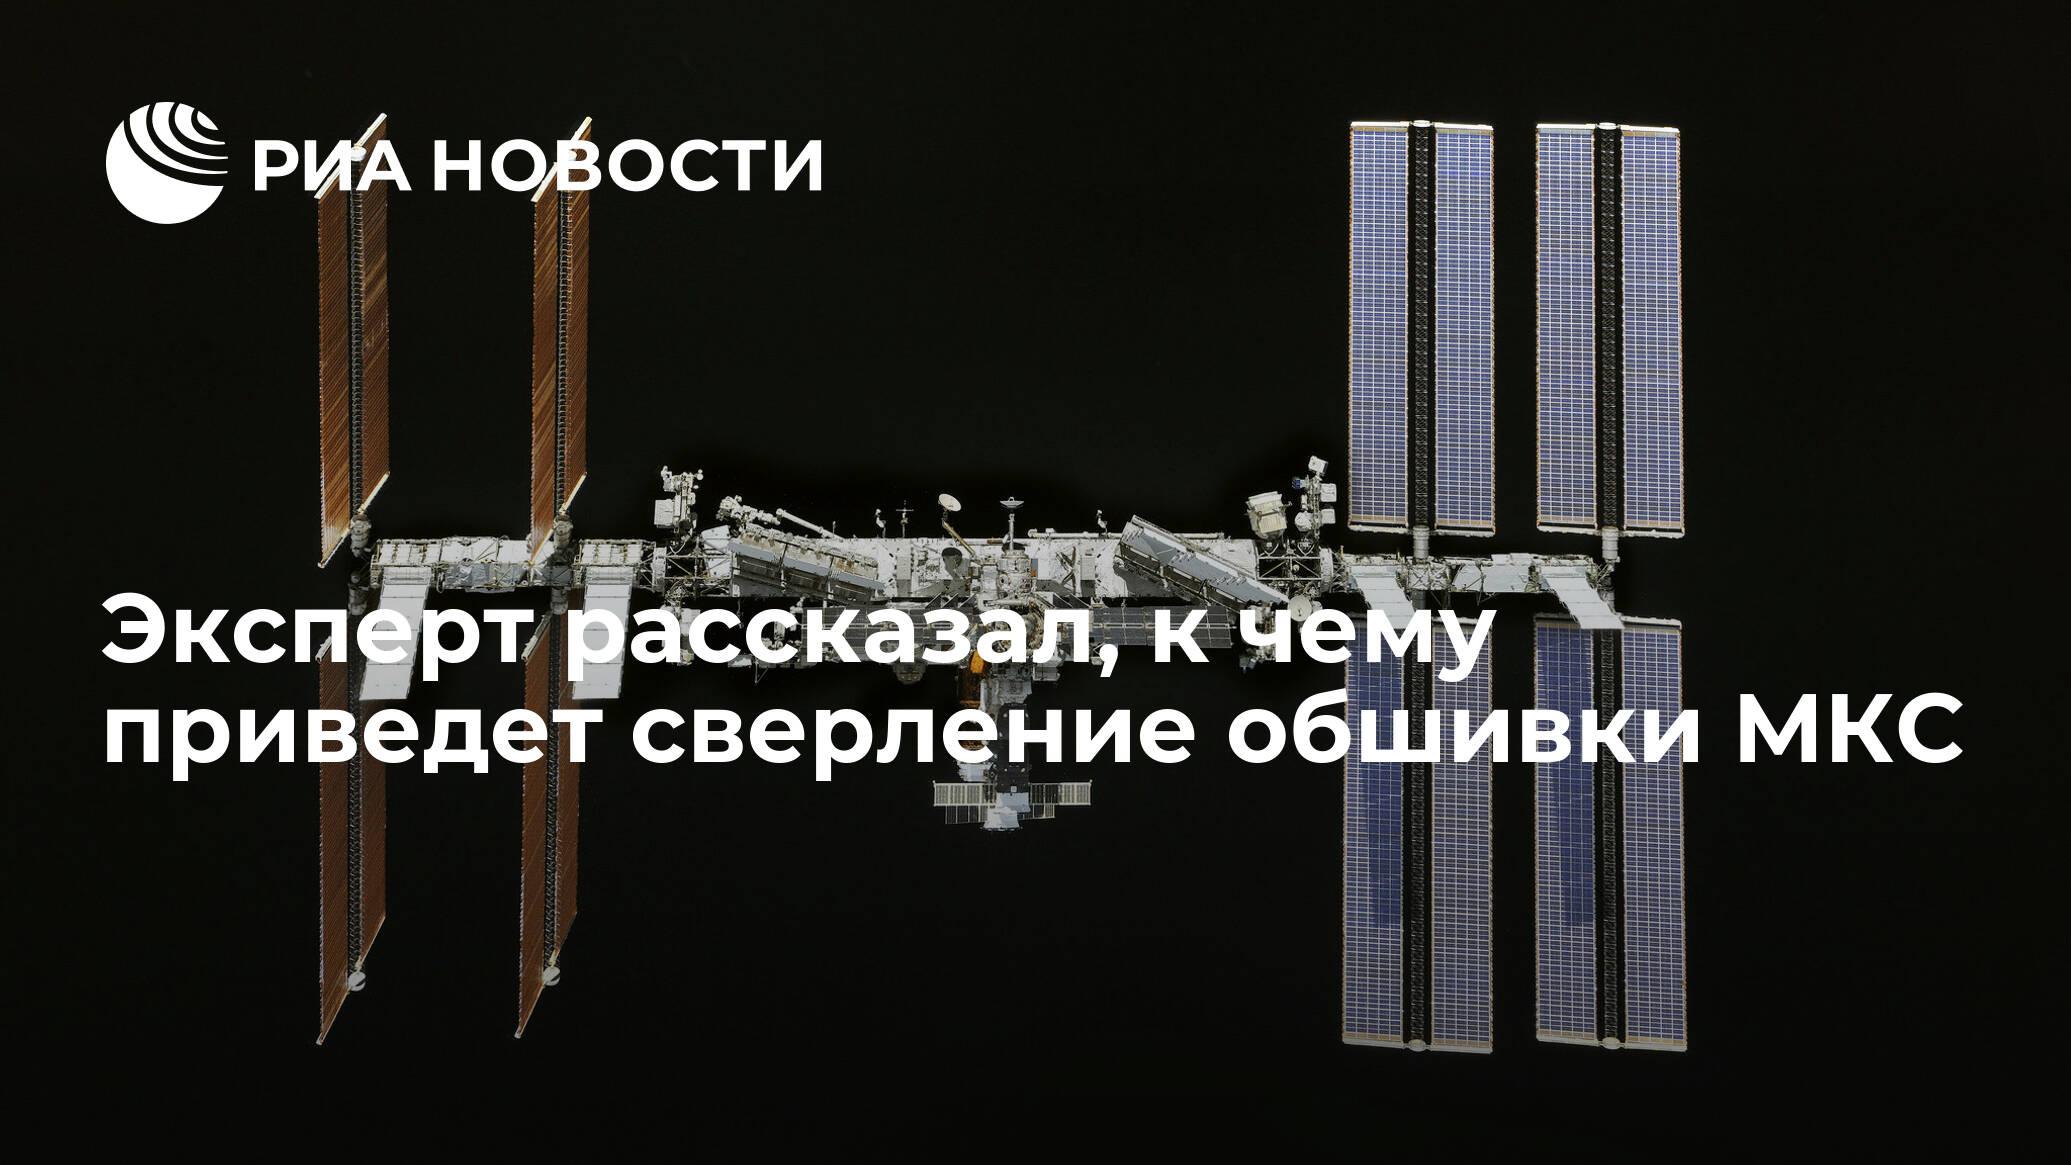 Эксперт рассказал, к чему приведет сверление обшивки МКС